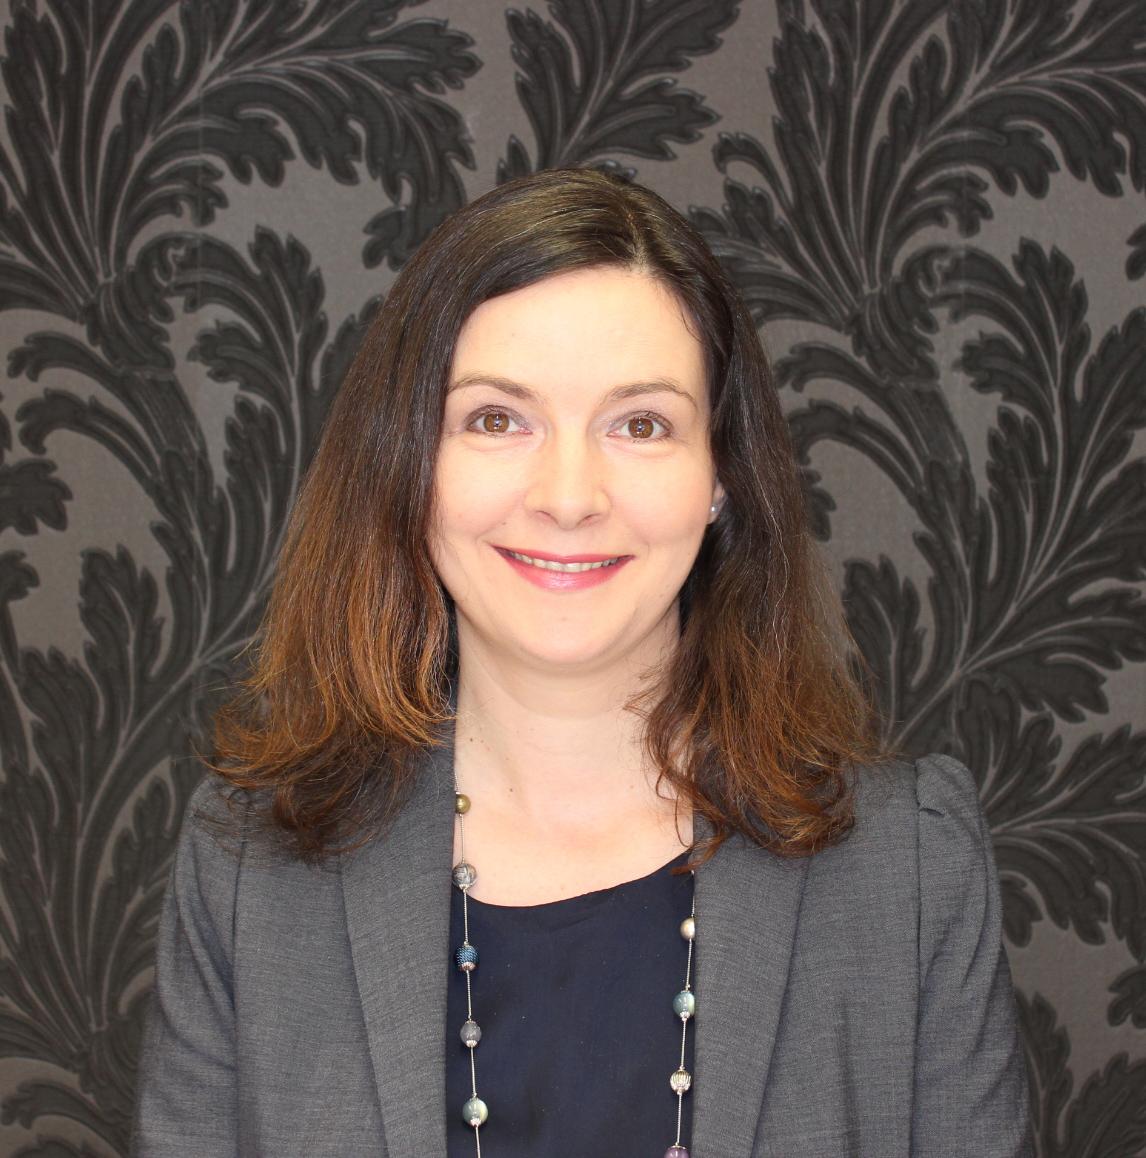 Nicola Loraine